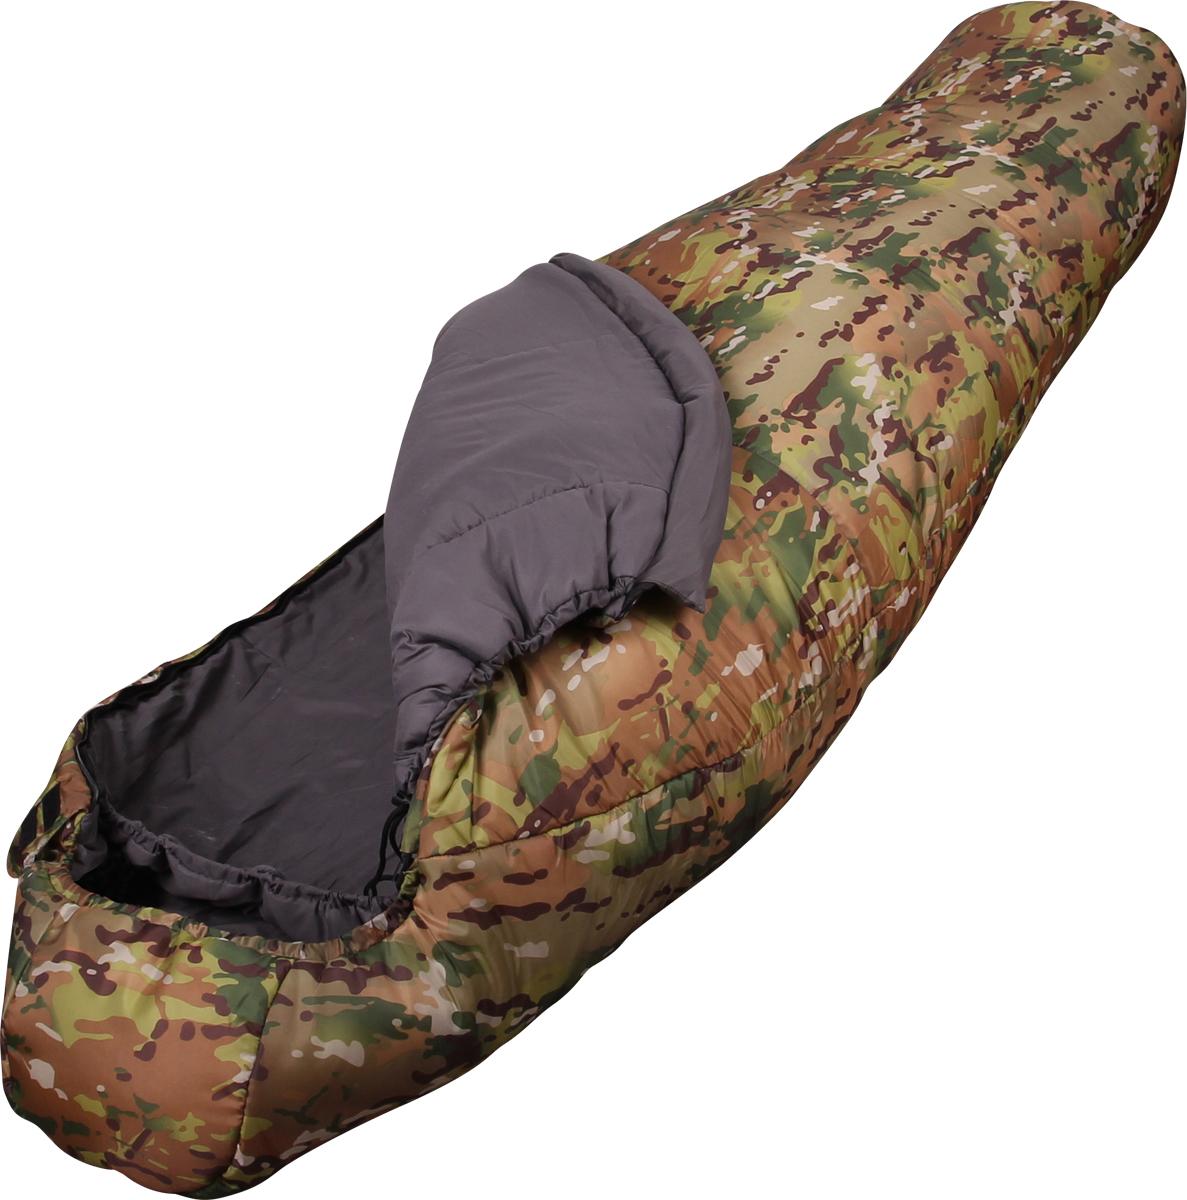 Мешок спальный Сплав Ranger 3, правосторонняя молния, цвет: бежевый, 210 x 80 x 55 см4507663Сплав Ranger 3 - компактный и легкий спальный мешок для походов, путешествий и кемпинга. Температура использования: Комфорт: +7… +3° С. Экстрим: -13° С. Габариты и вес: Размеры: 210 х 80 х 55 см. Размеры в упакованном виде: диаметр 23 х 40 см. Вес: 1,6 кг. Материалы: Внешняя ткань: Polyester Taffeta 190T. Внутренняя ткань: Polyester Ponge Silk Touch. Утеплитель: Shelter Soft Плотность утеплителя: 150 г/м2.